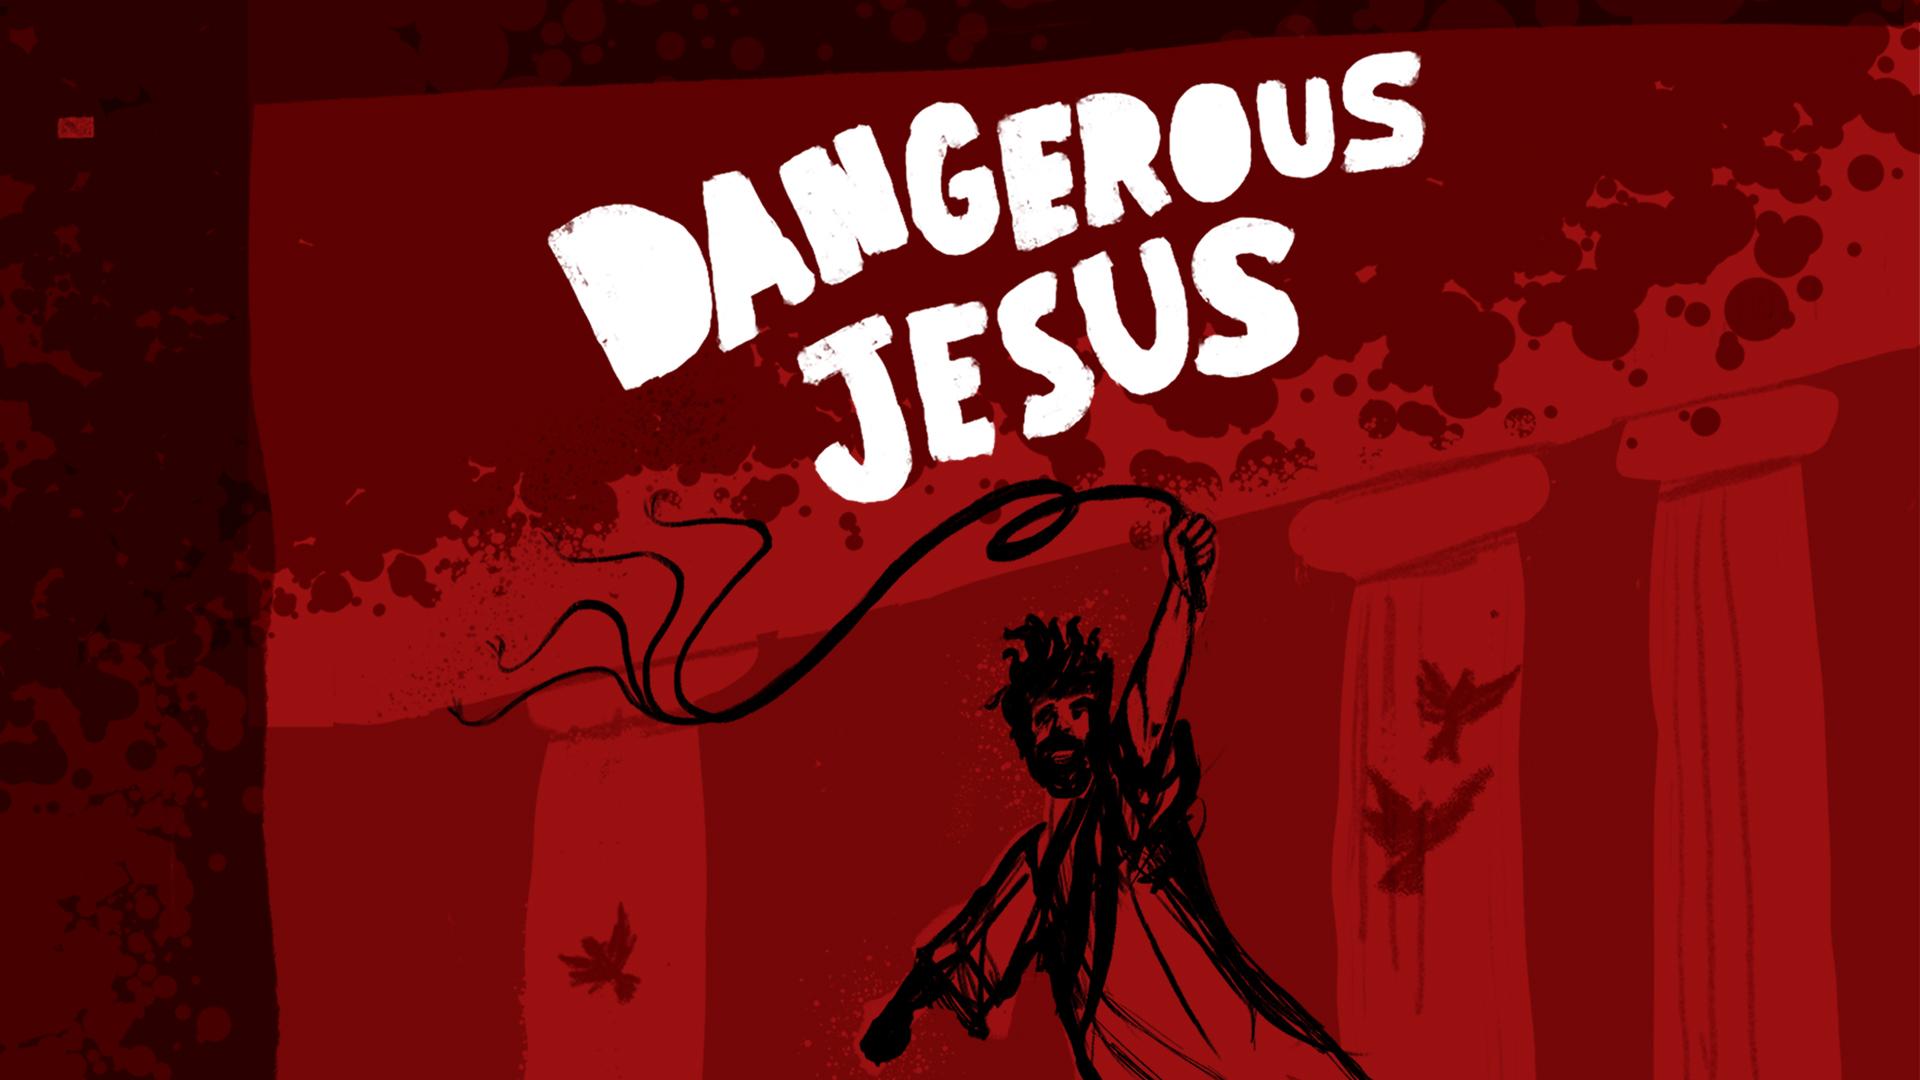 slide_Logo_DangerousJesus.jpg